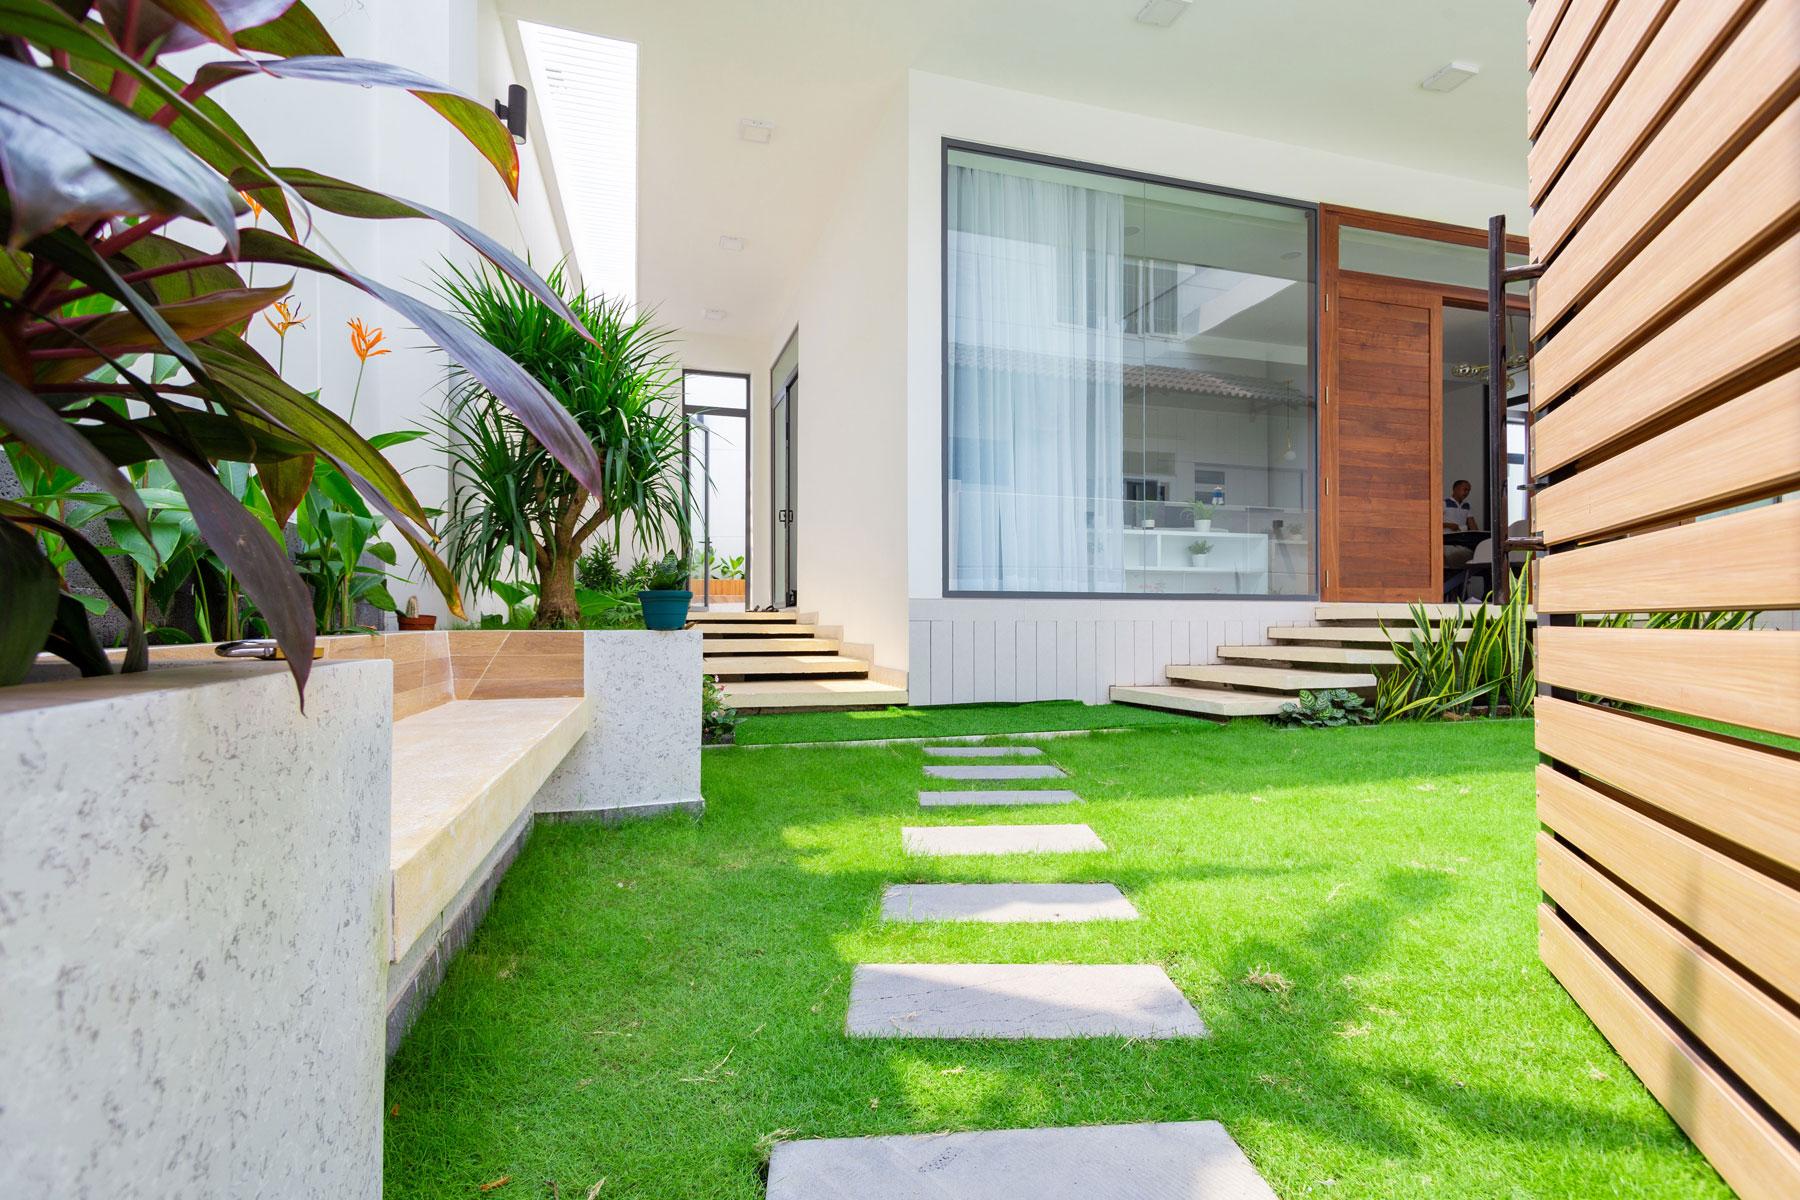 cong ty vinatrends xay nha tron goi 1 tang hien dai 24 VinaTrends   Công ty xây dựng tại Đồng Nai hơn 499 công trình thiết kế xây nhà trọn gói trên toàn Việt Nam